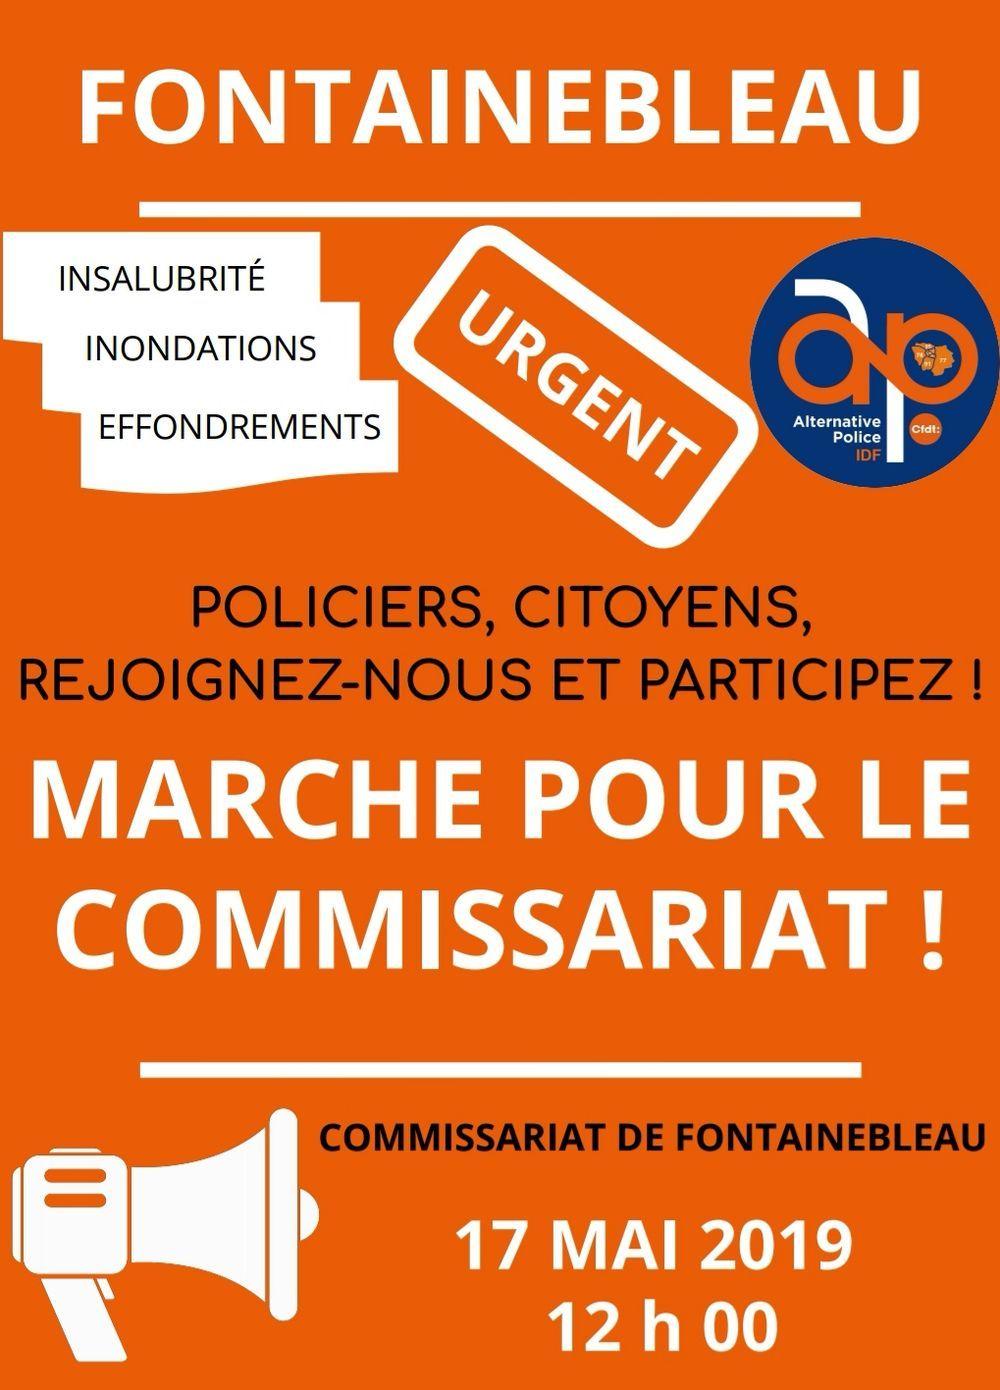 Fontainebleau : marche pour le commissariat